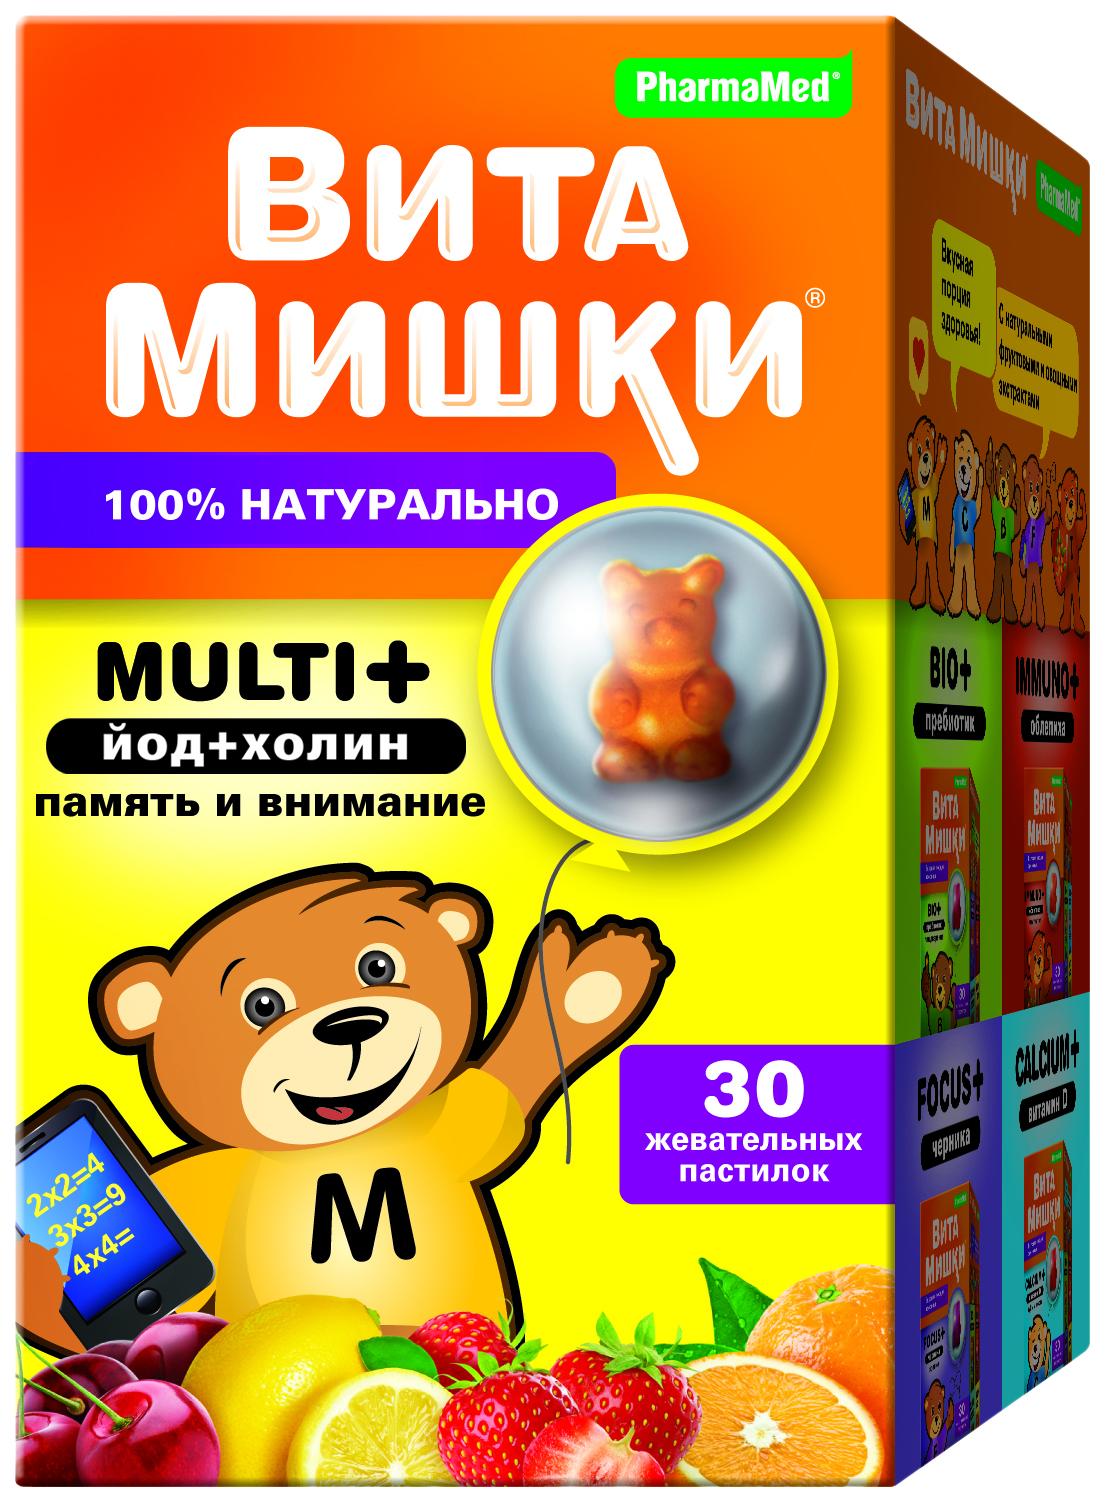 Купить ВитаМишки Мульти+ пастилки жевательные №30 Фармамед, PharmaMed